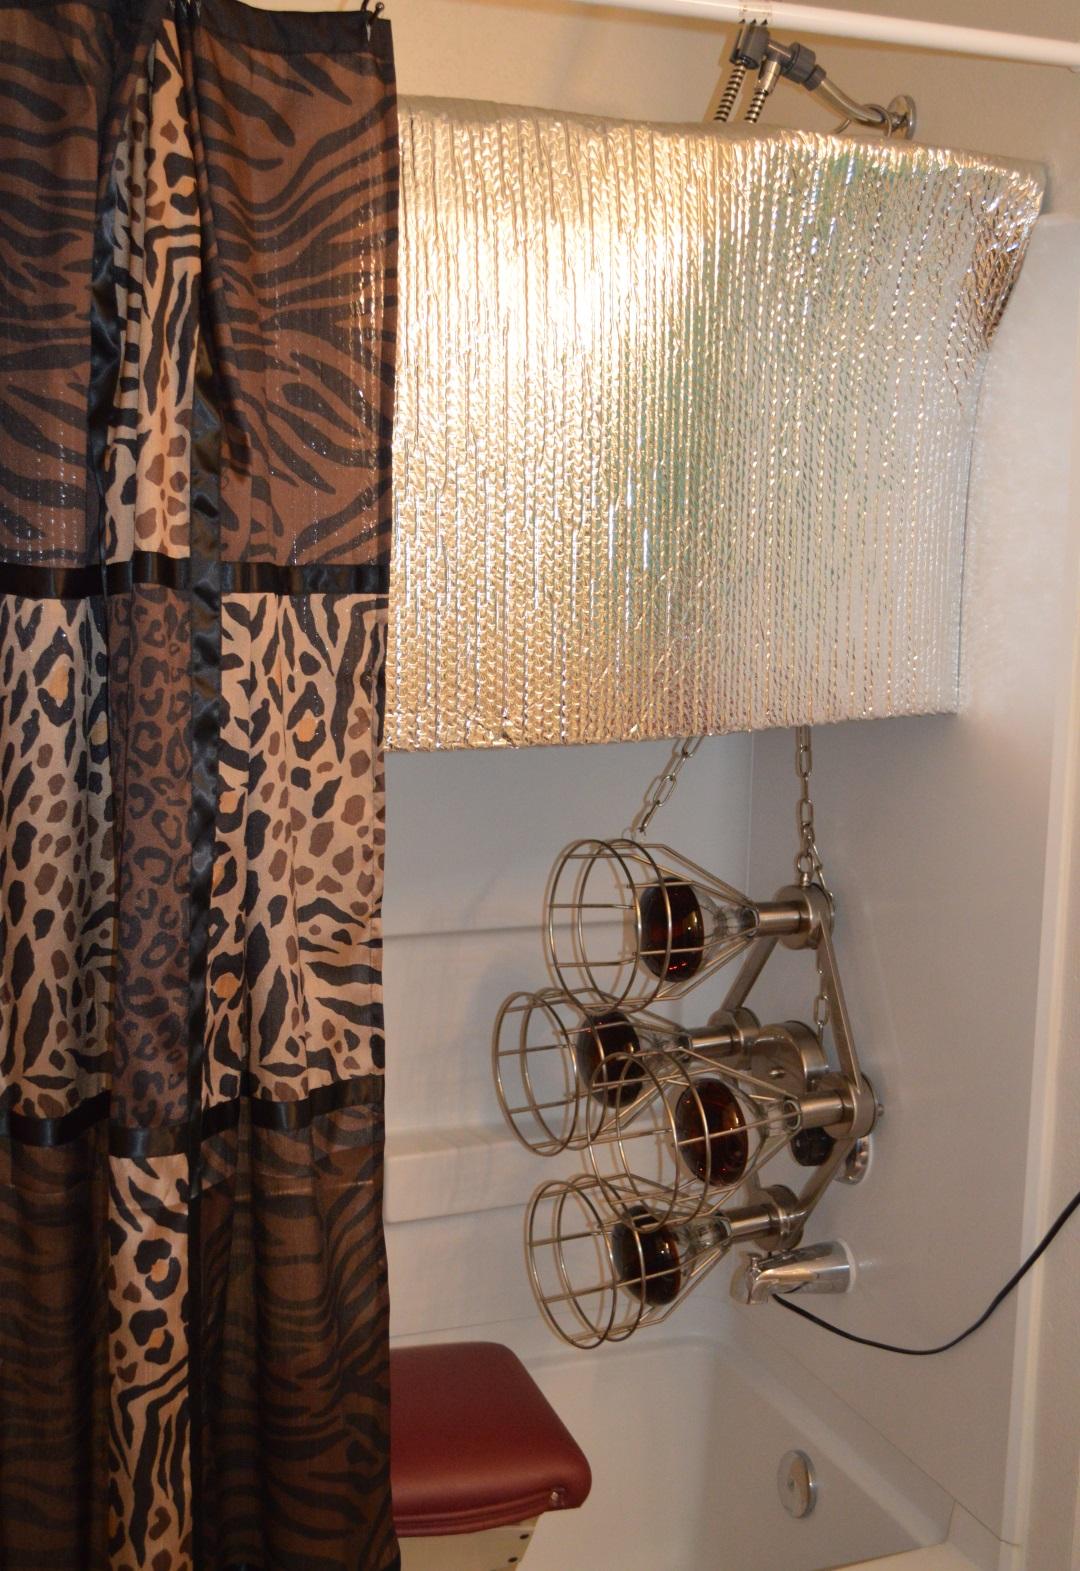 Sauna lamp chains in shower